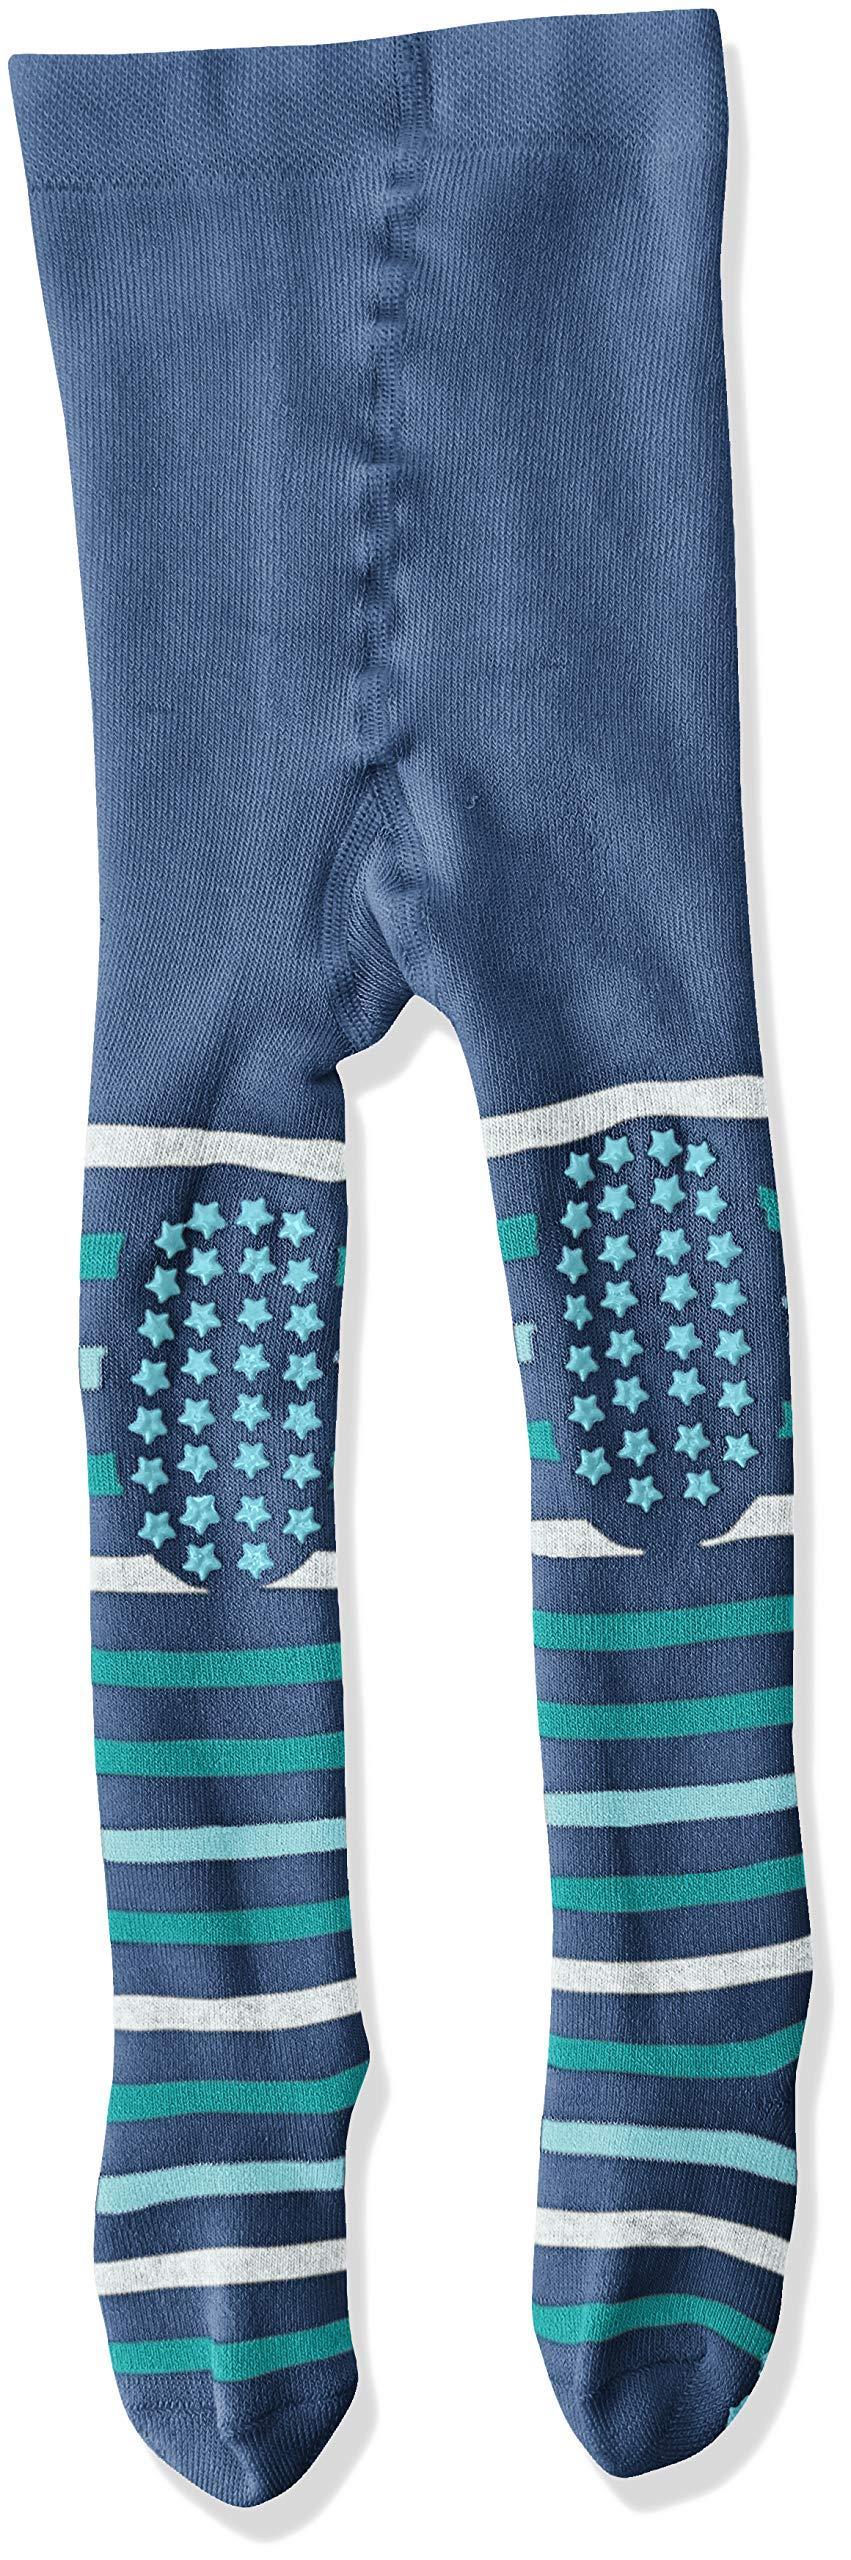 Falke Multi Stripe medias Bebé-Niños-Bebé-Niñas 2